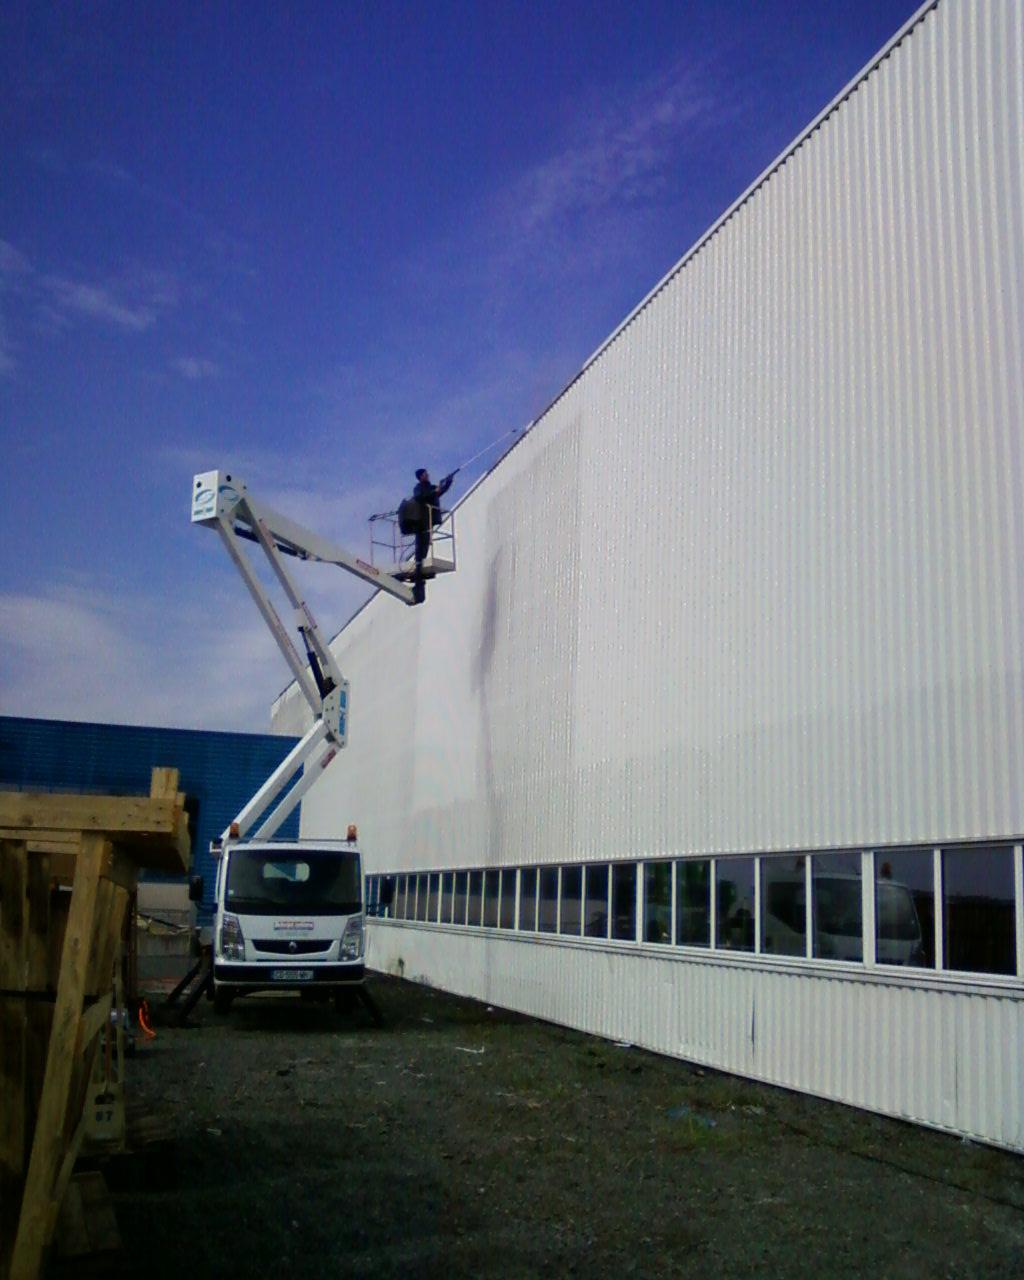 Nettoyage bâtiment industriel